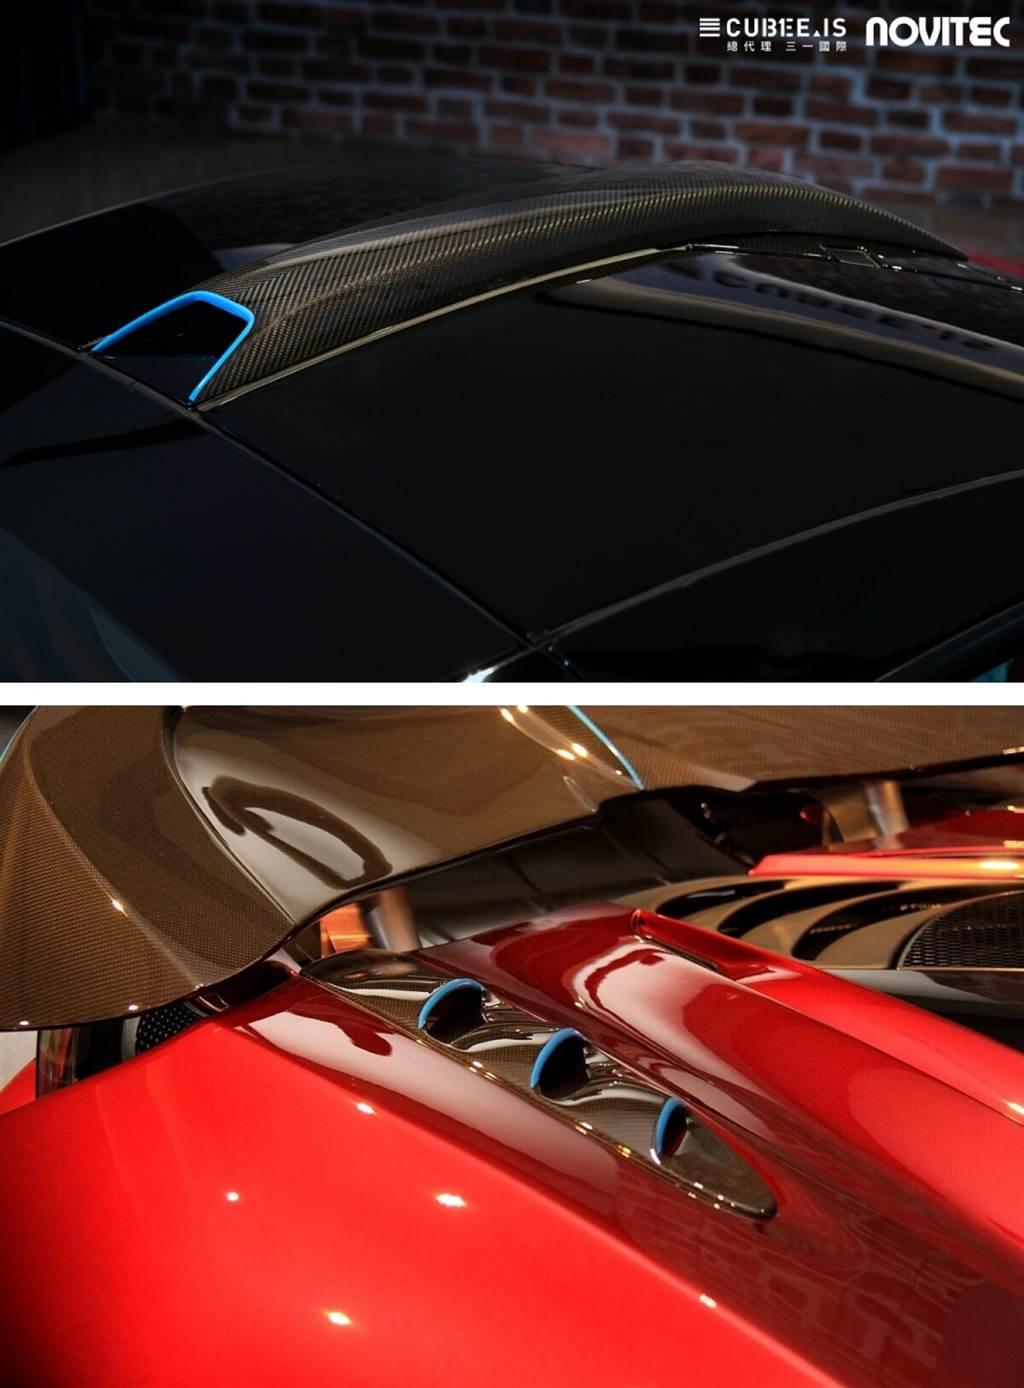 車尾兩側的百葉通風孔,開口朝向車頭,並且造型與前葉子板上的不同,具有更好的集氣效果,其功用是為了導引氣流將其更流暢地向後導出。